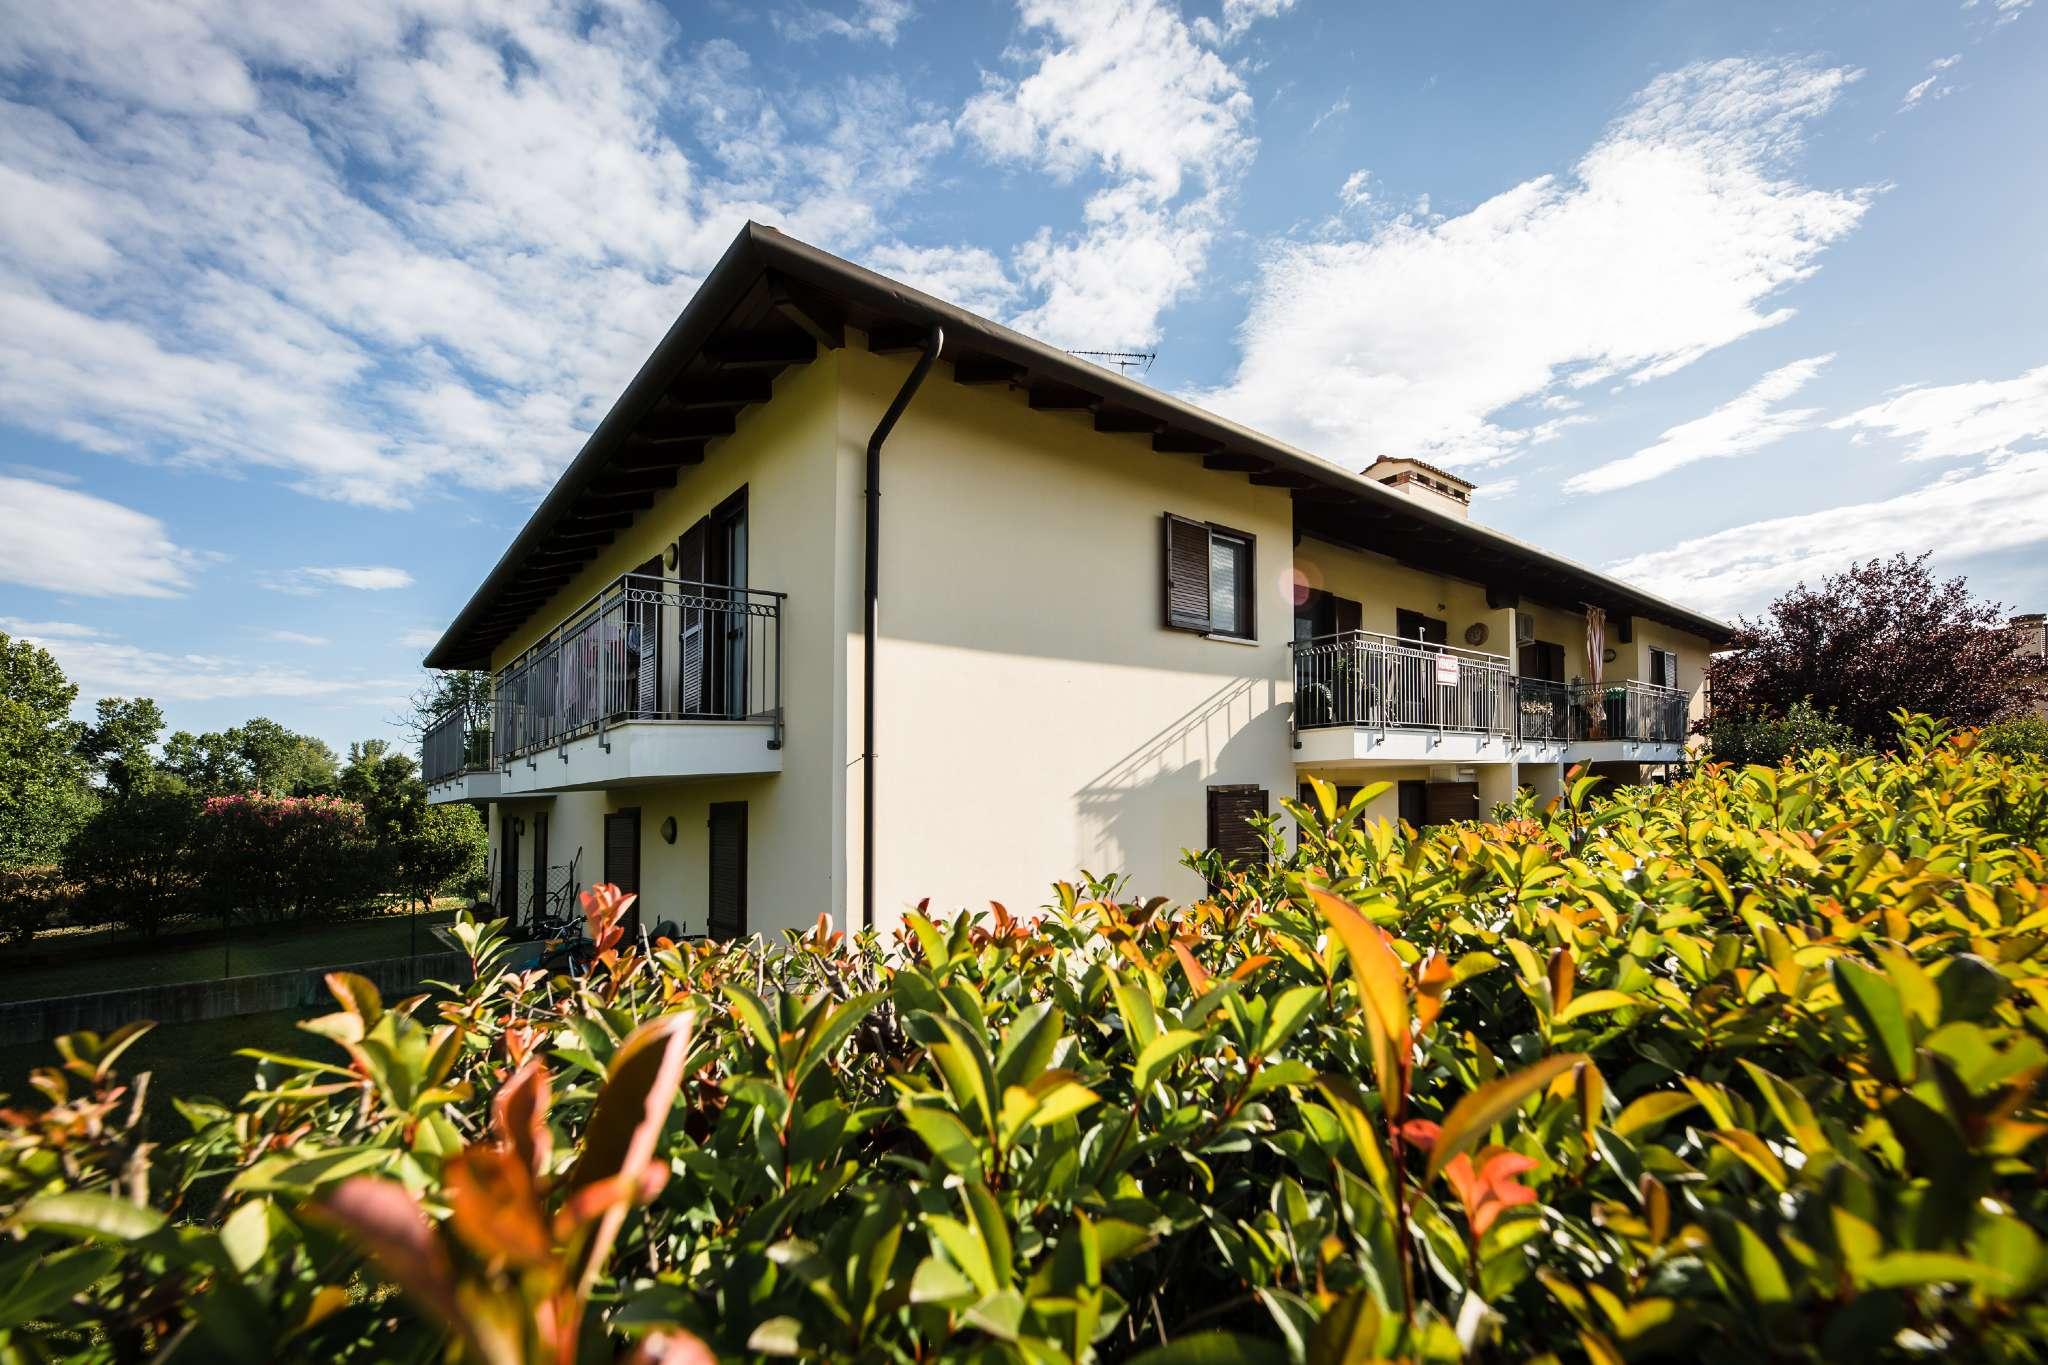 Appartamento in vendita a Mortegliano, 5 locali, prezzo € 129.000 | PortaleAgenzieImmobiliari.it